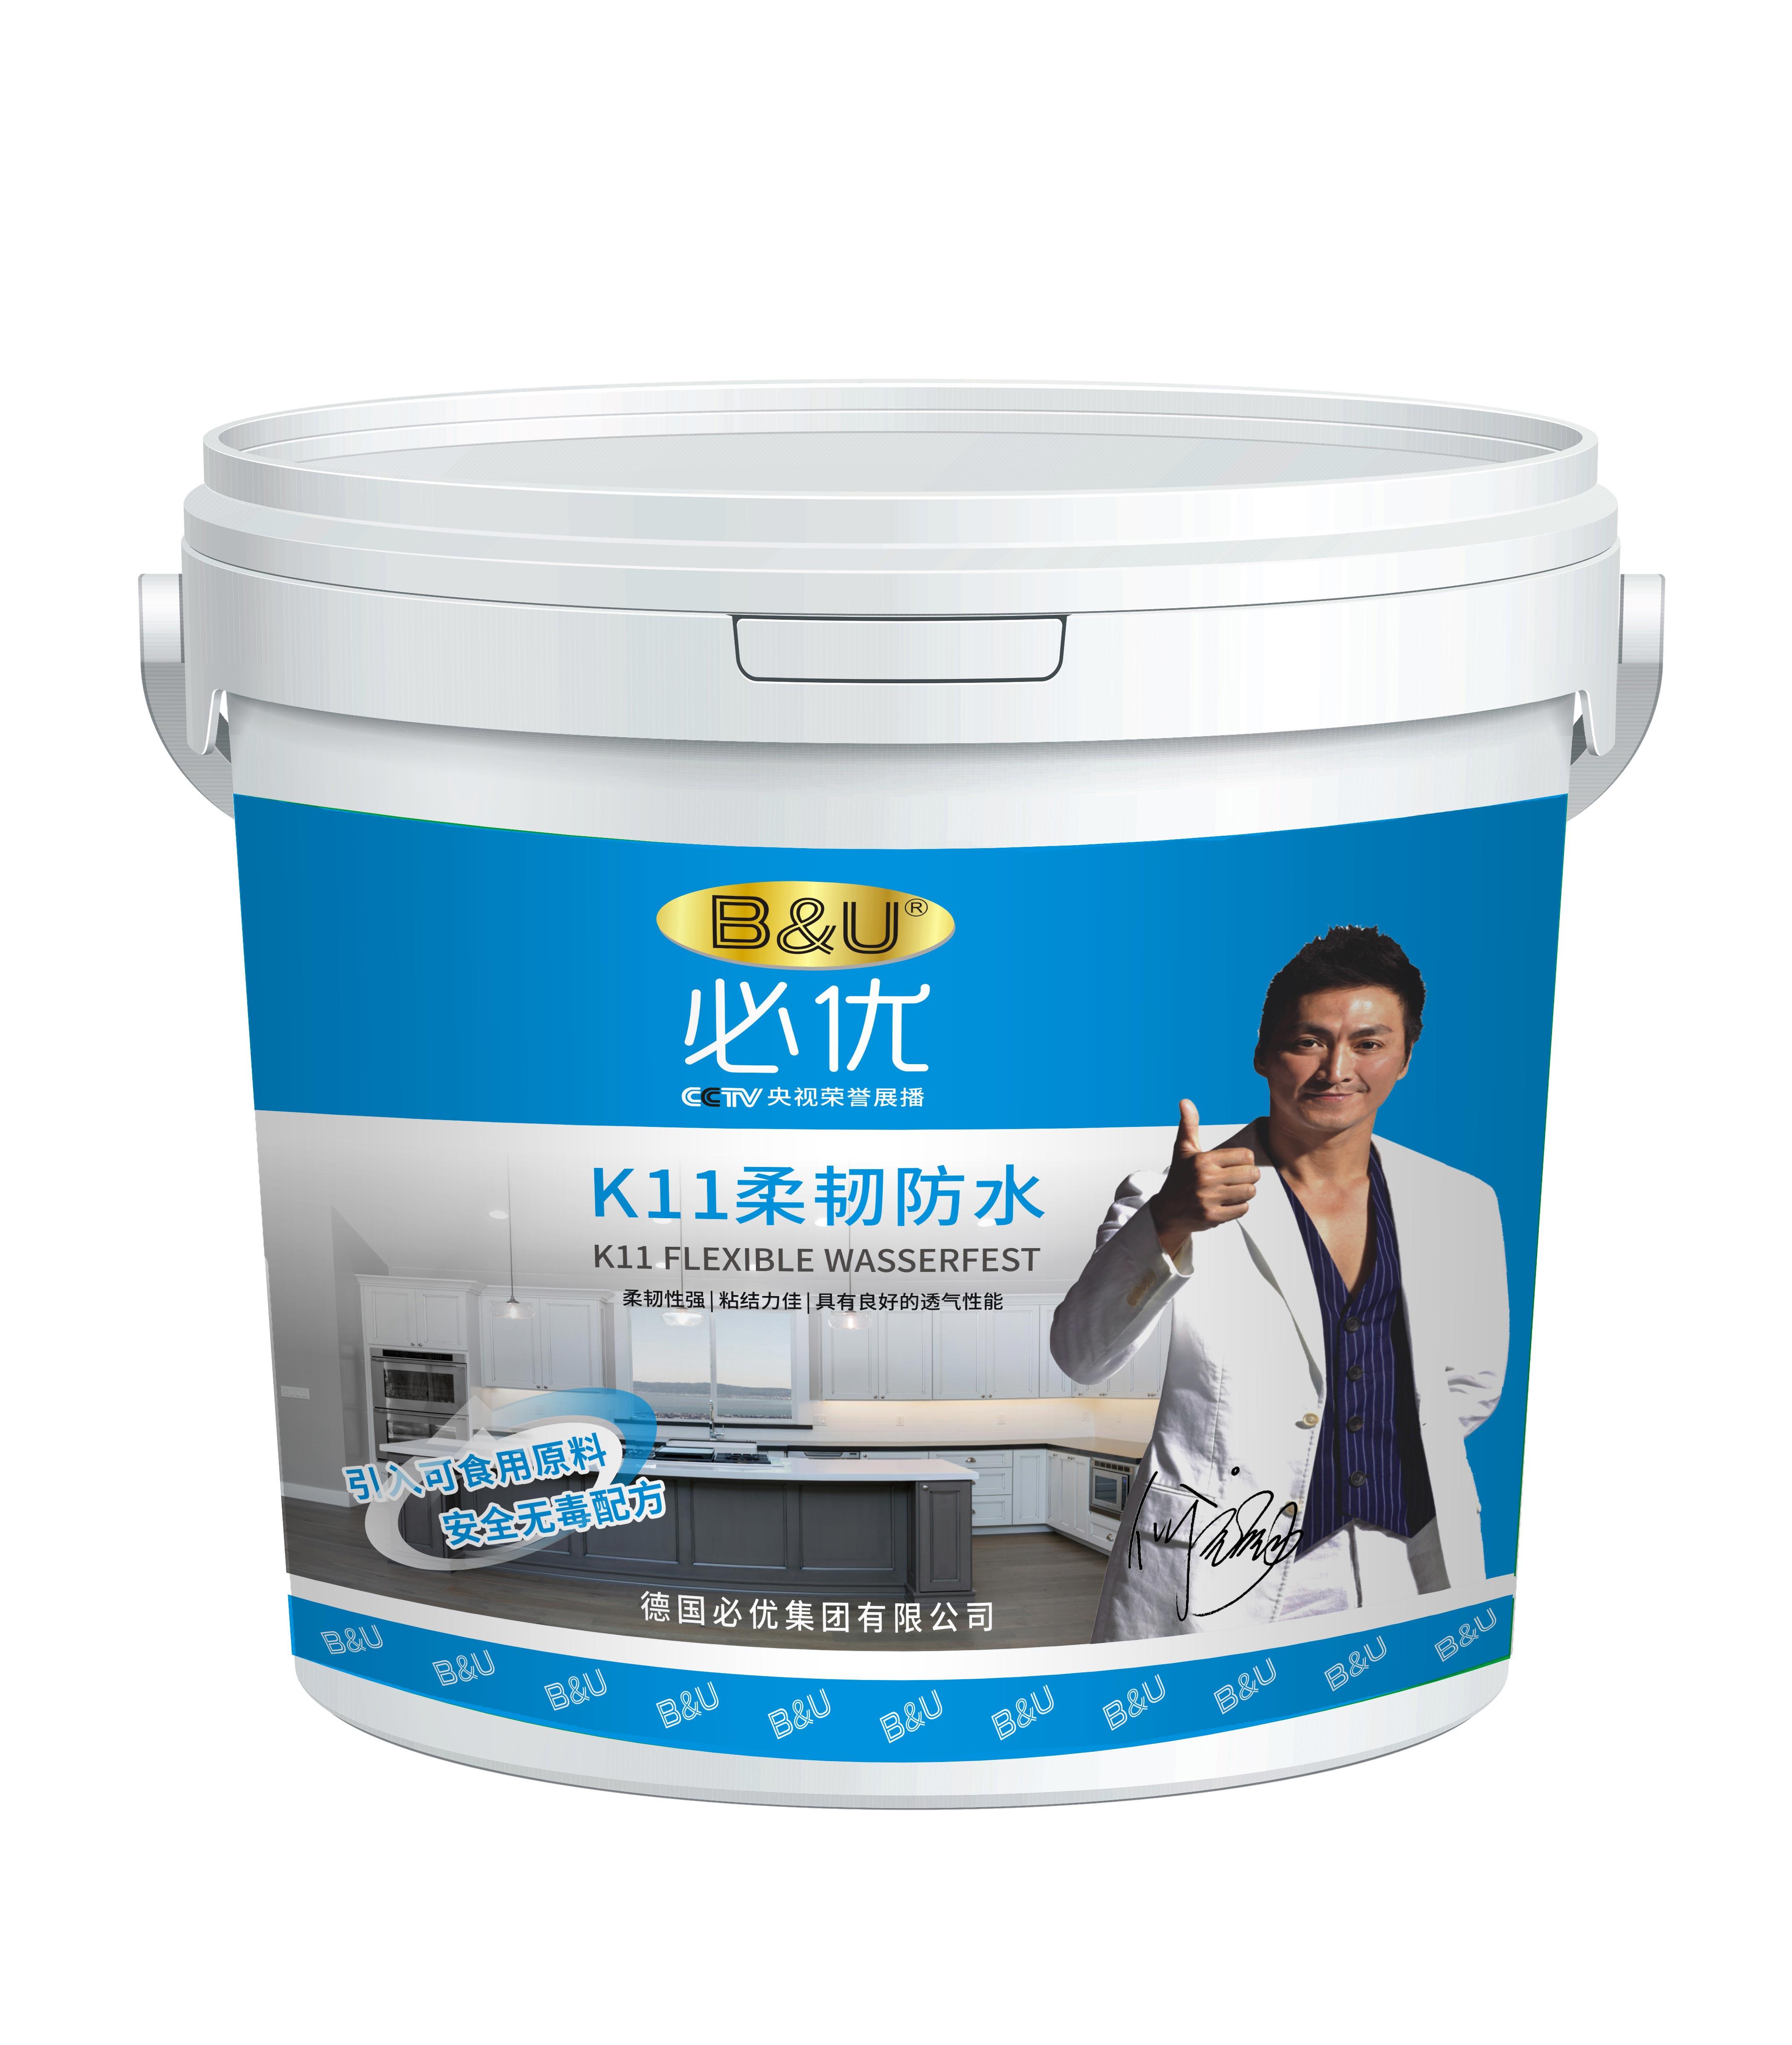 贵州防水涂料多少钱|实用的厨卫防水涂料推荐